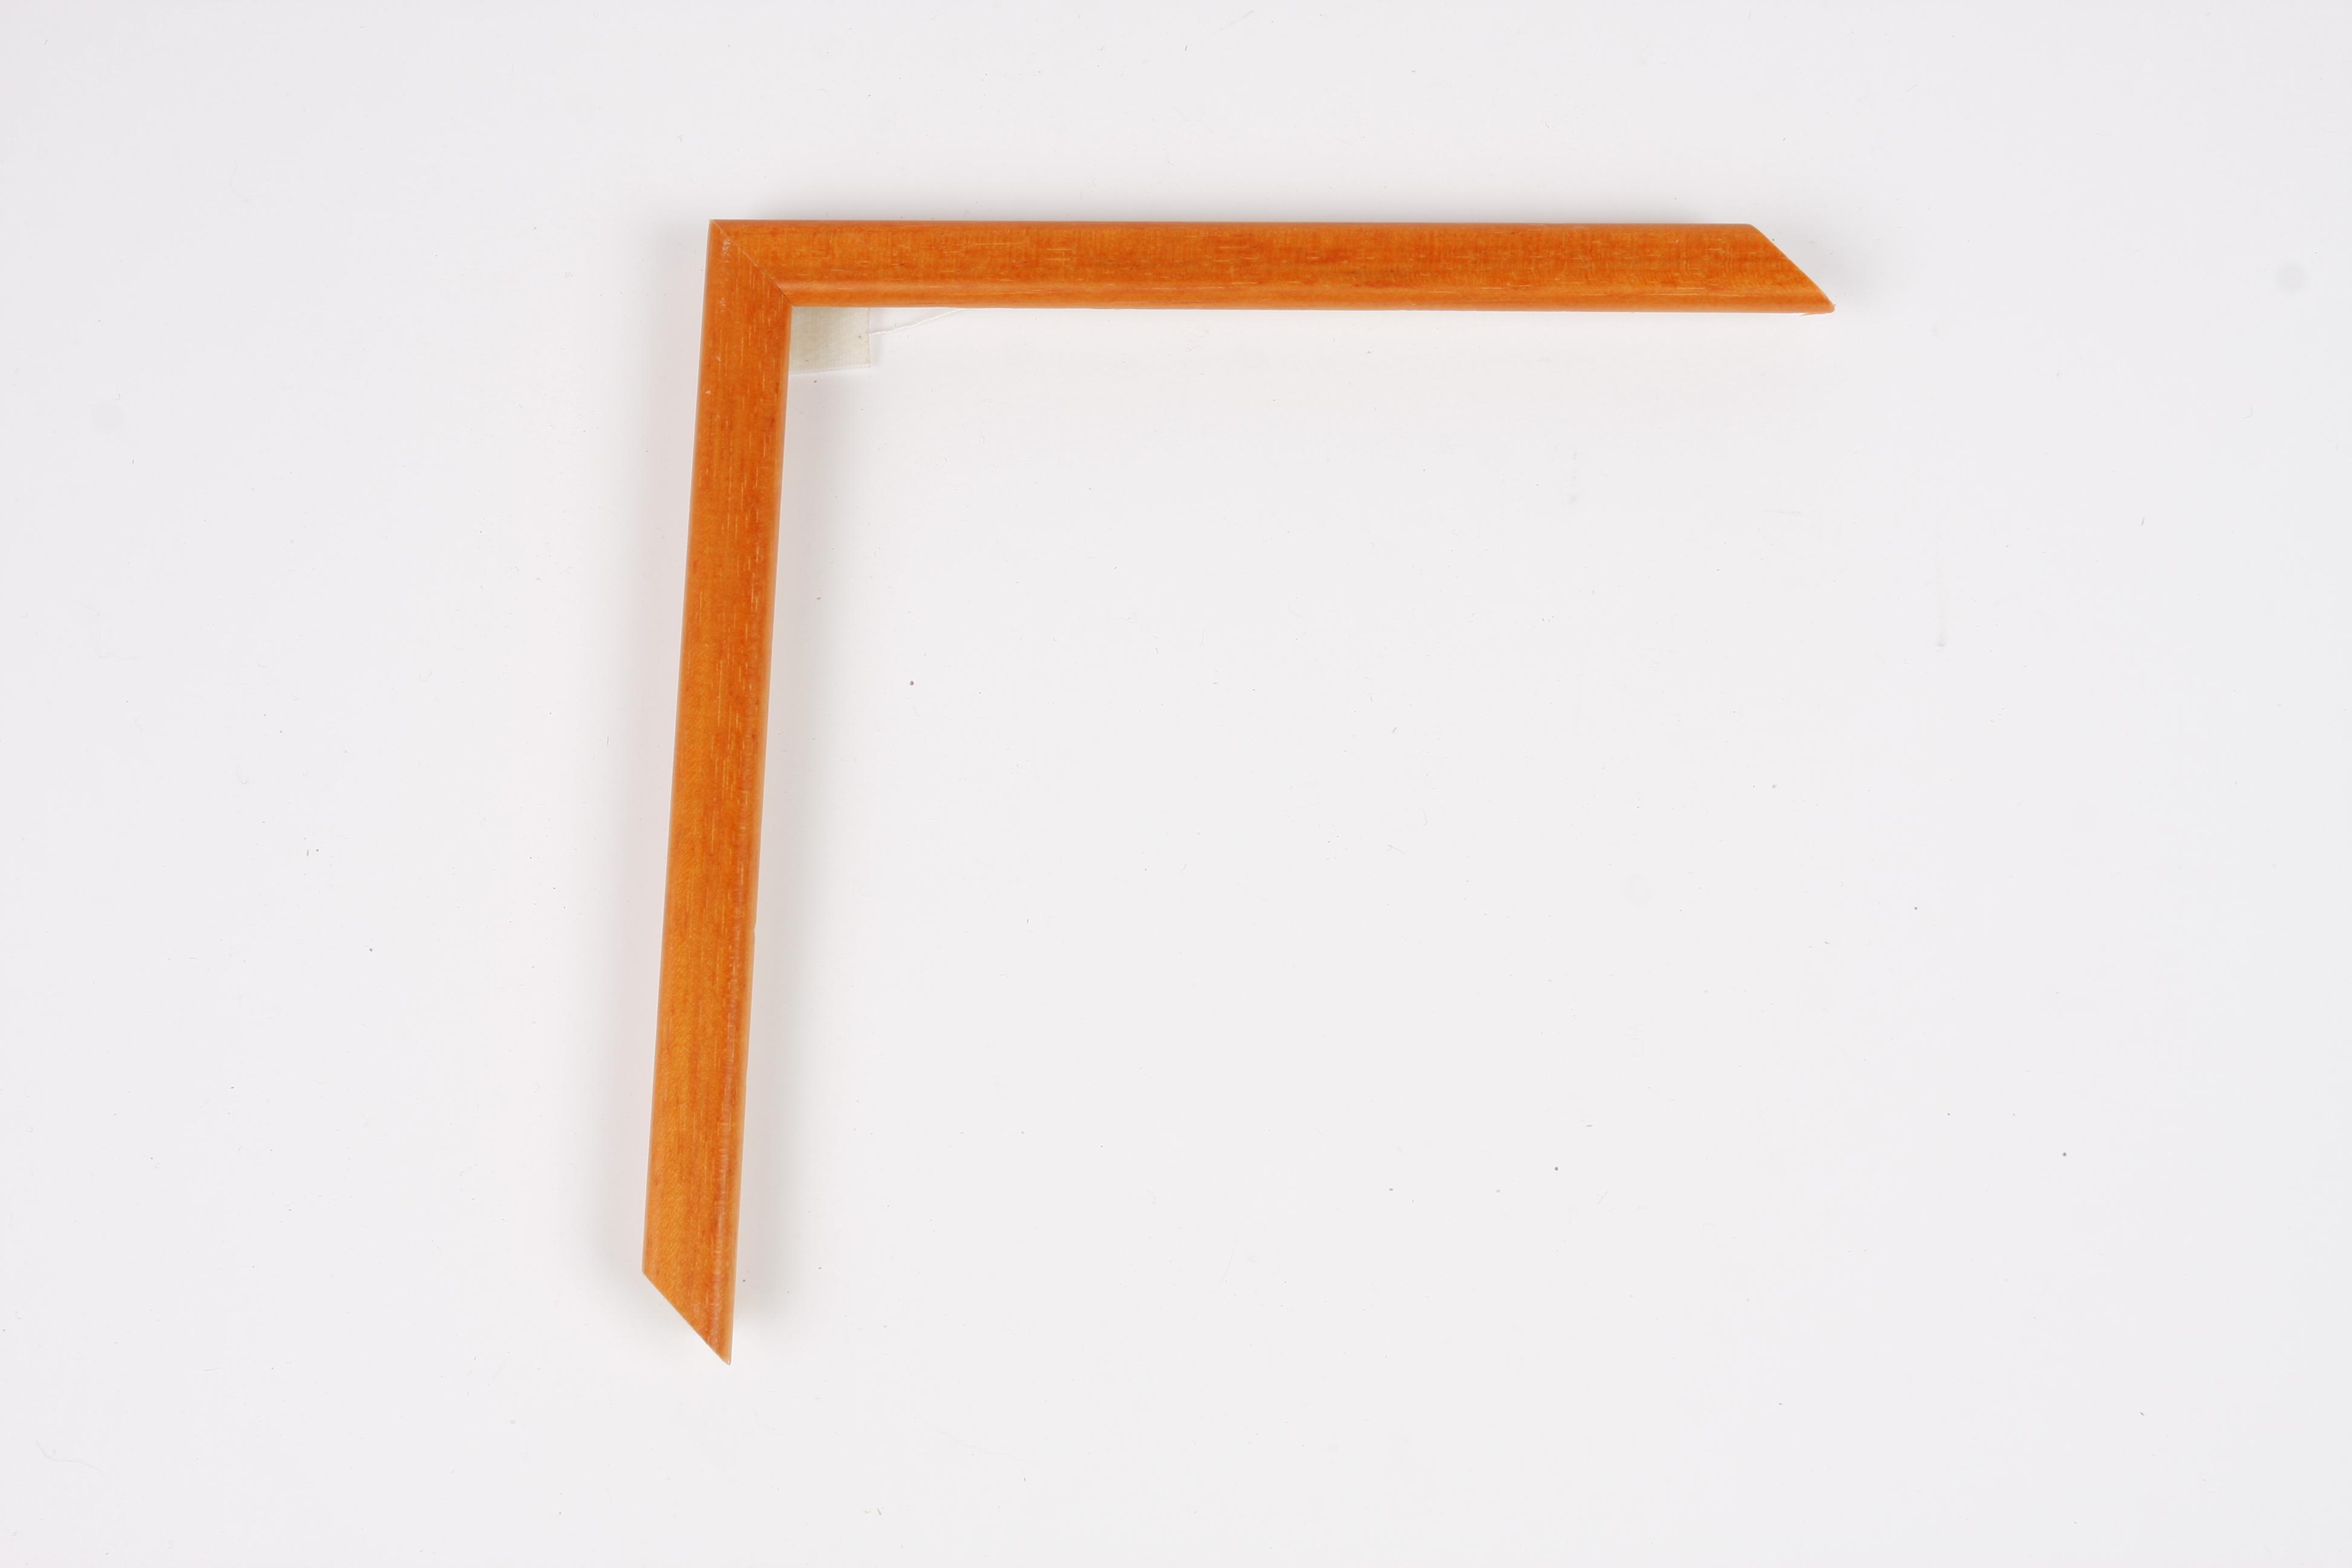 04142-112-NARANJA-ancho1,5cm